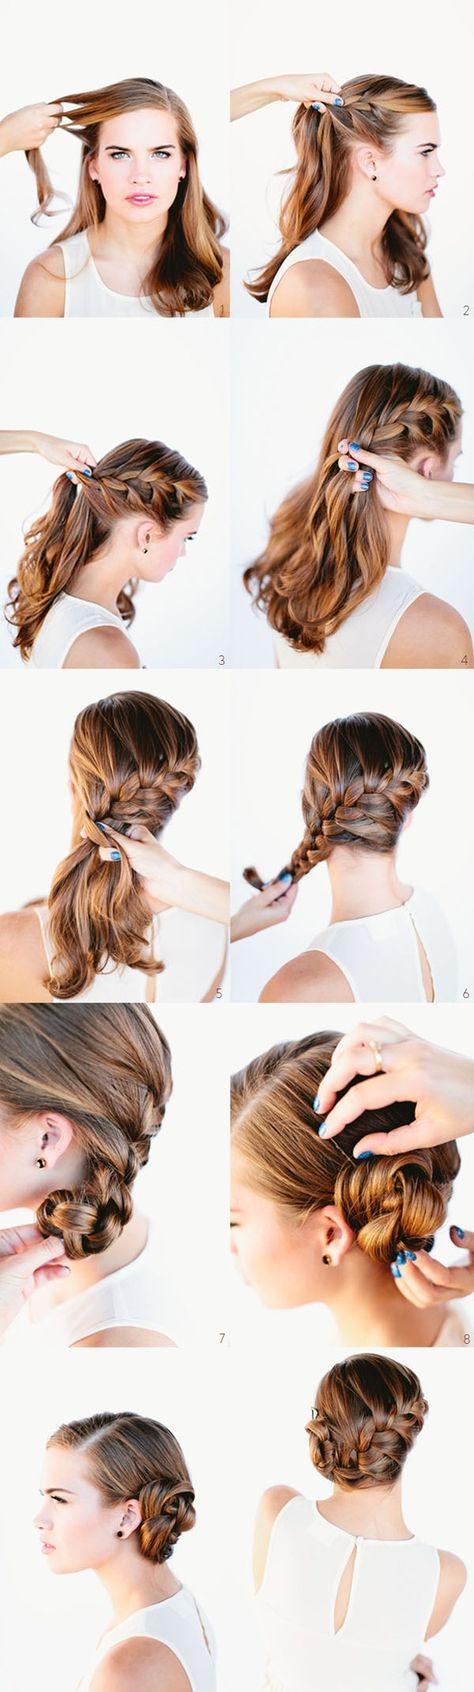 Прически на длинные волосы фото пошагово на каждый день